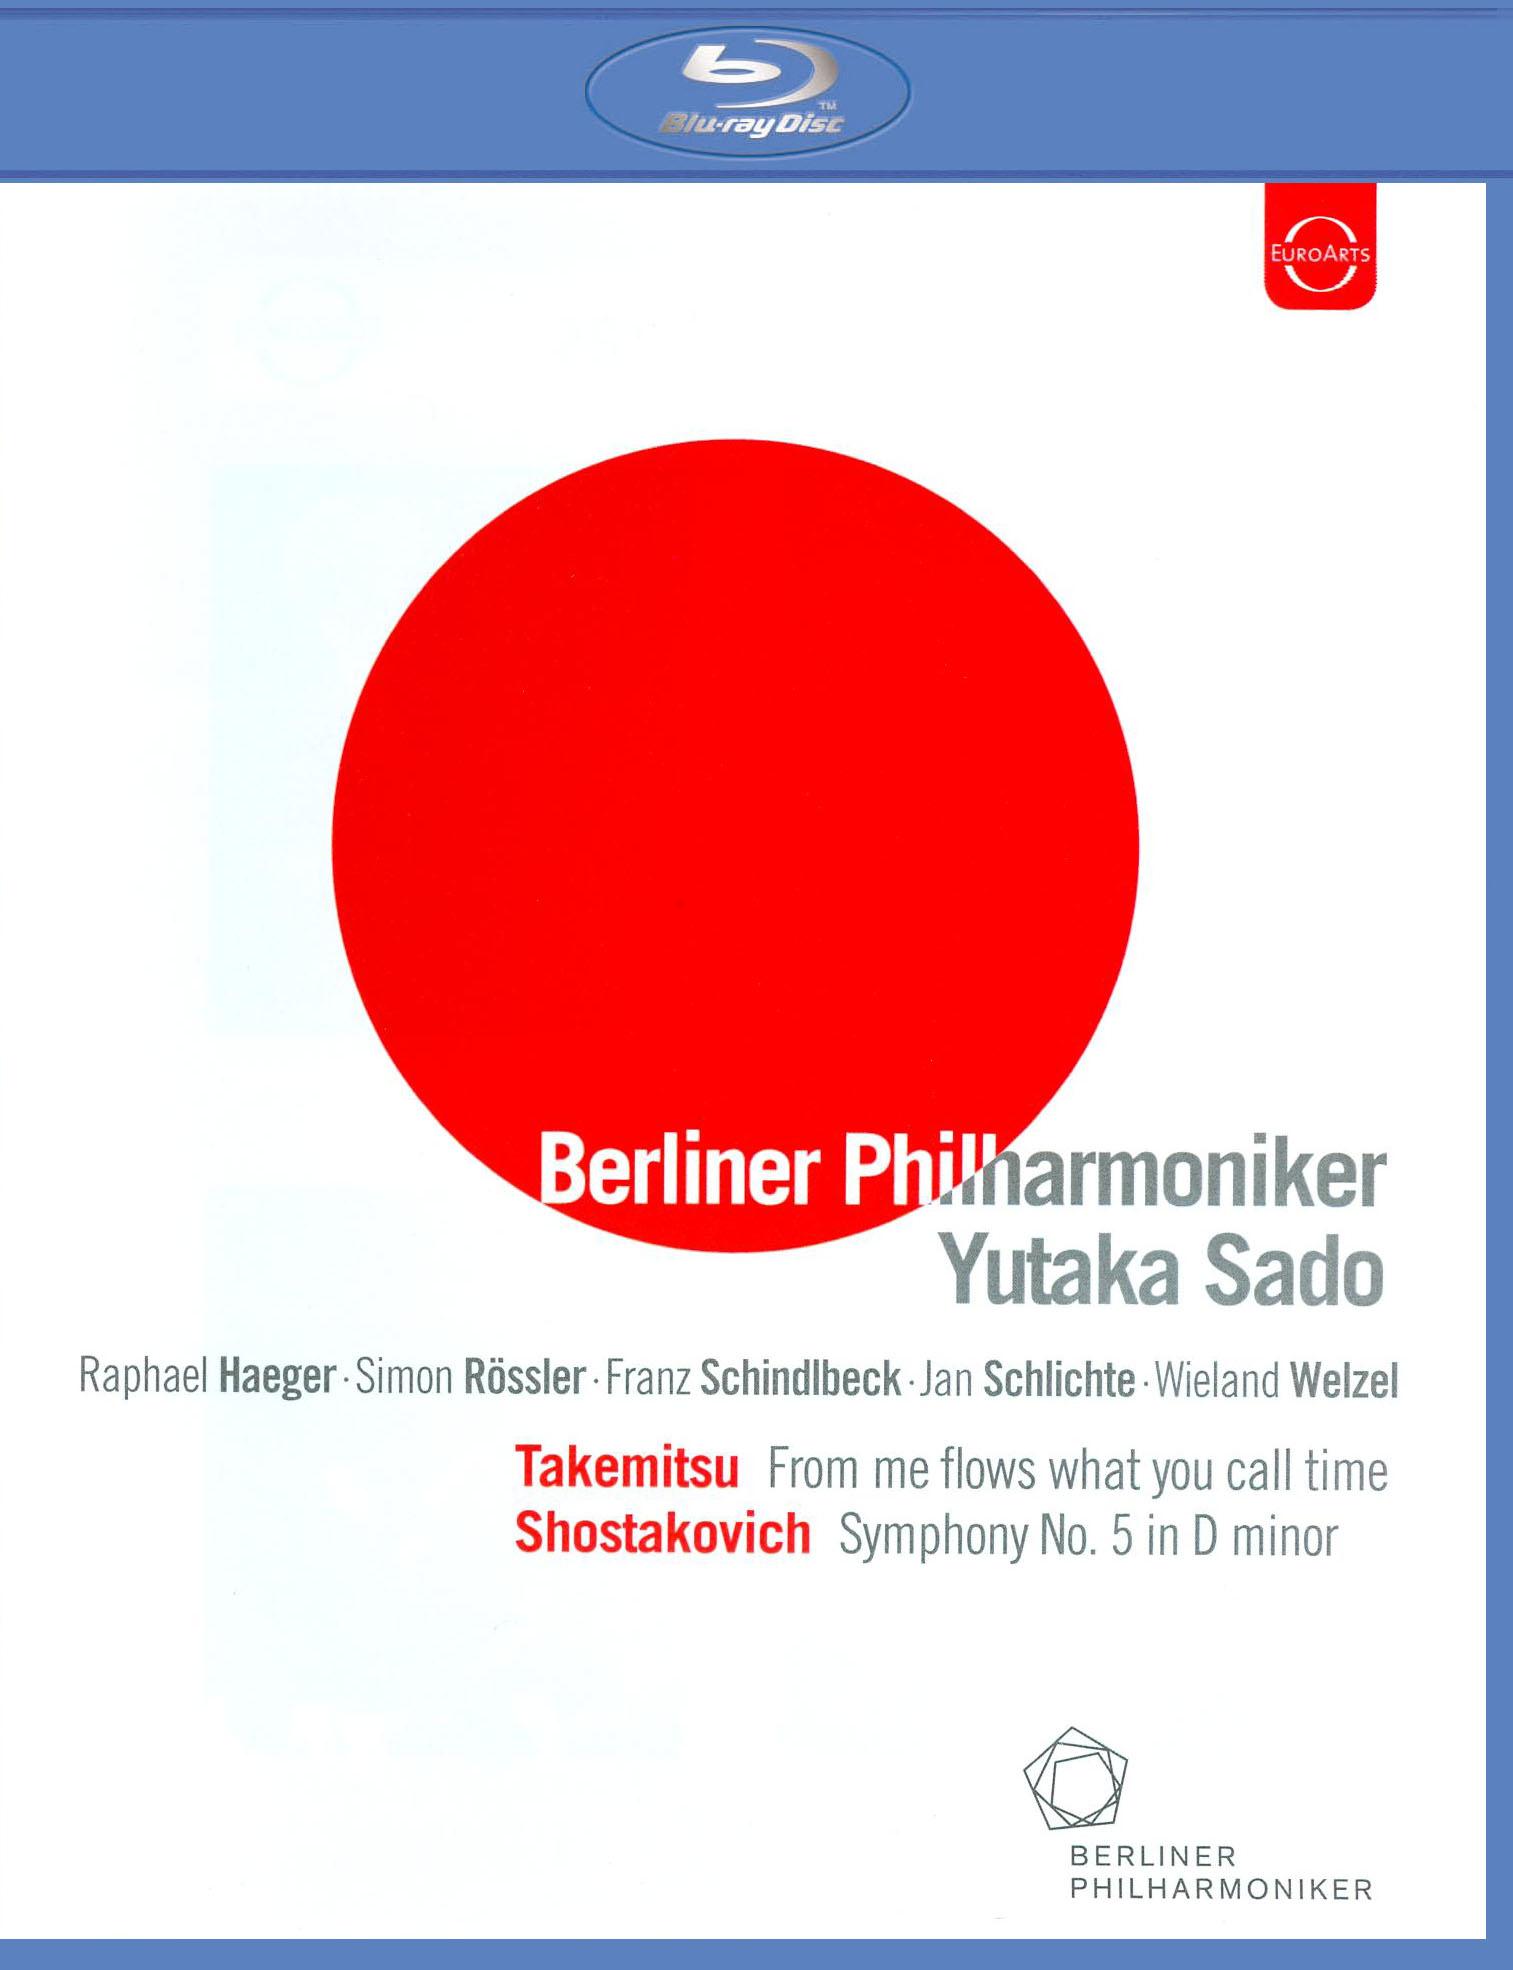 Berliner Philharmoniker/Yutaka Sado: Takemitsu/Shostakovich